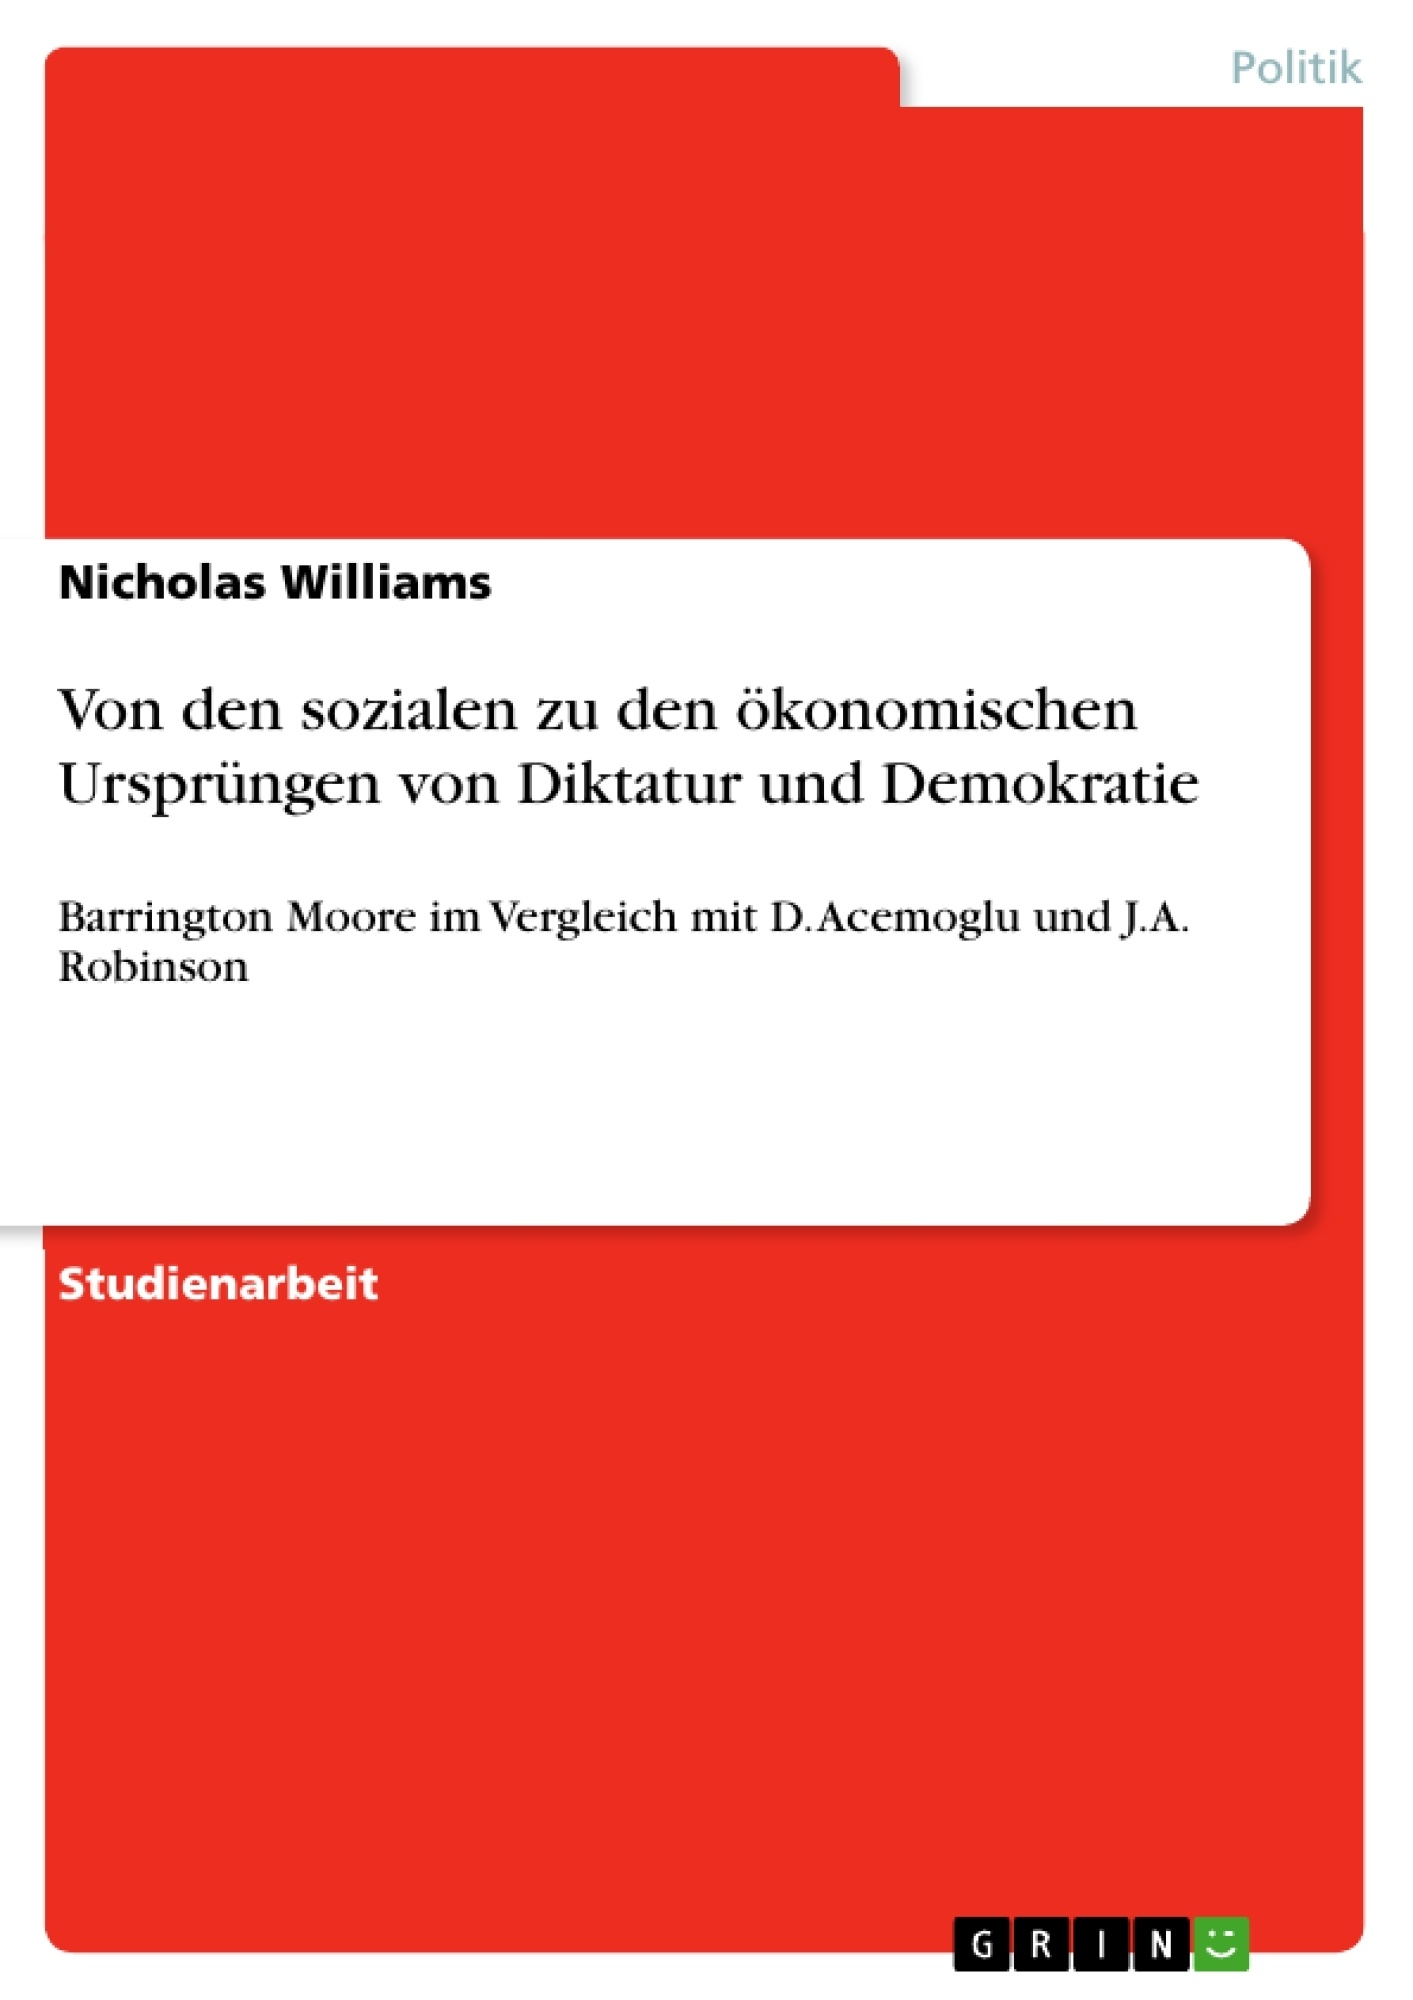 Titel: Von den sozialen zu den ökonomischen Ursprüngen von Diktatur und Demokratie